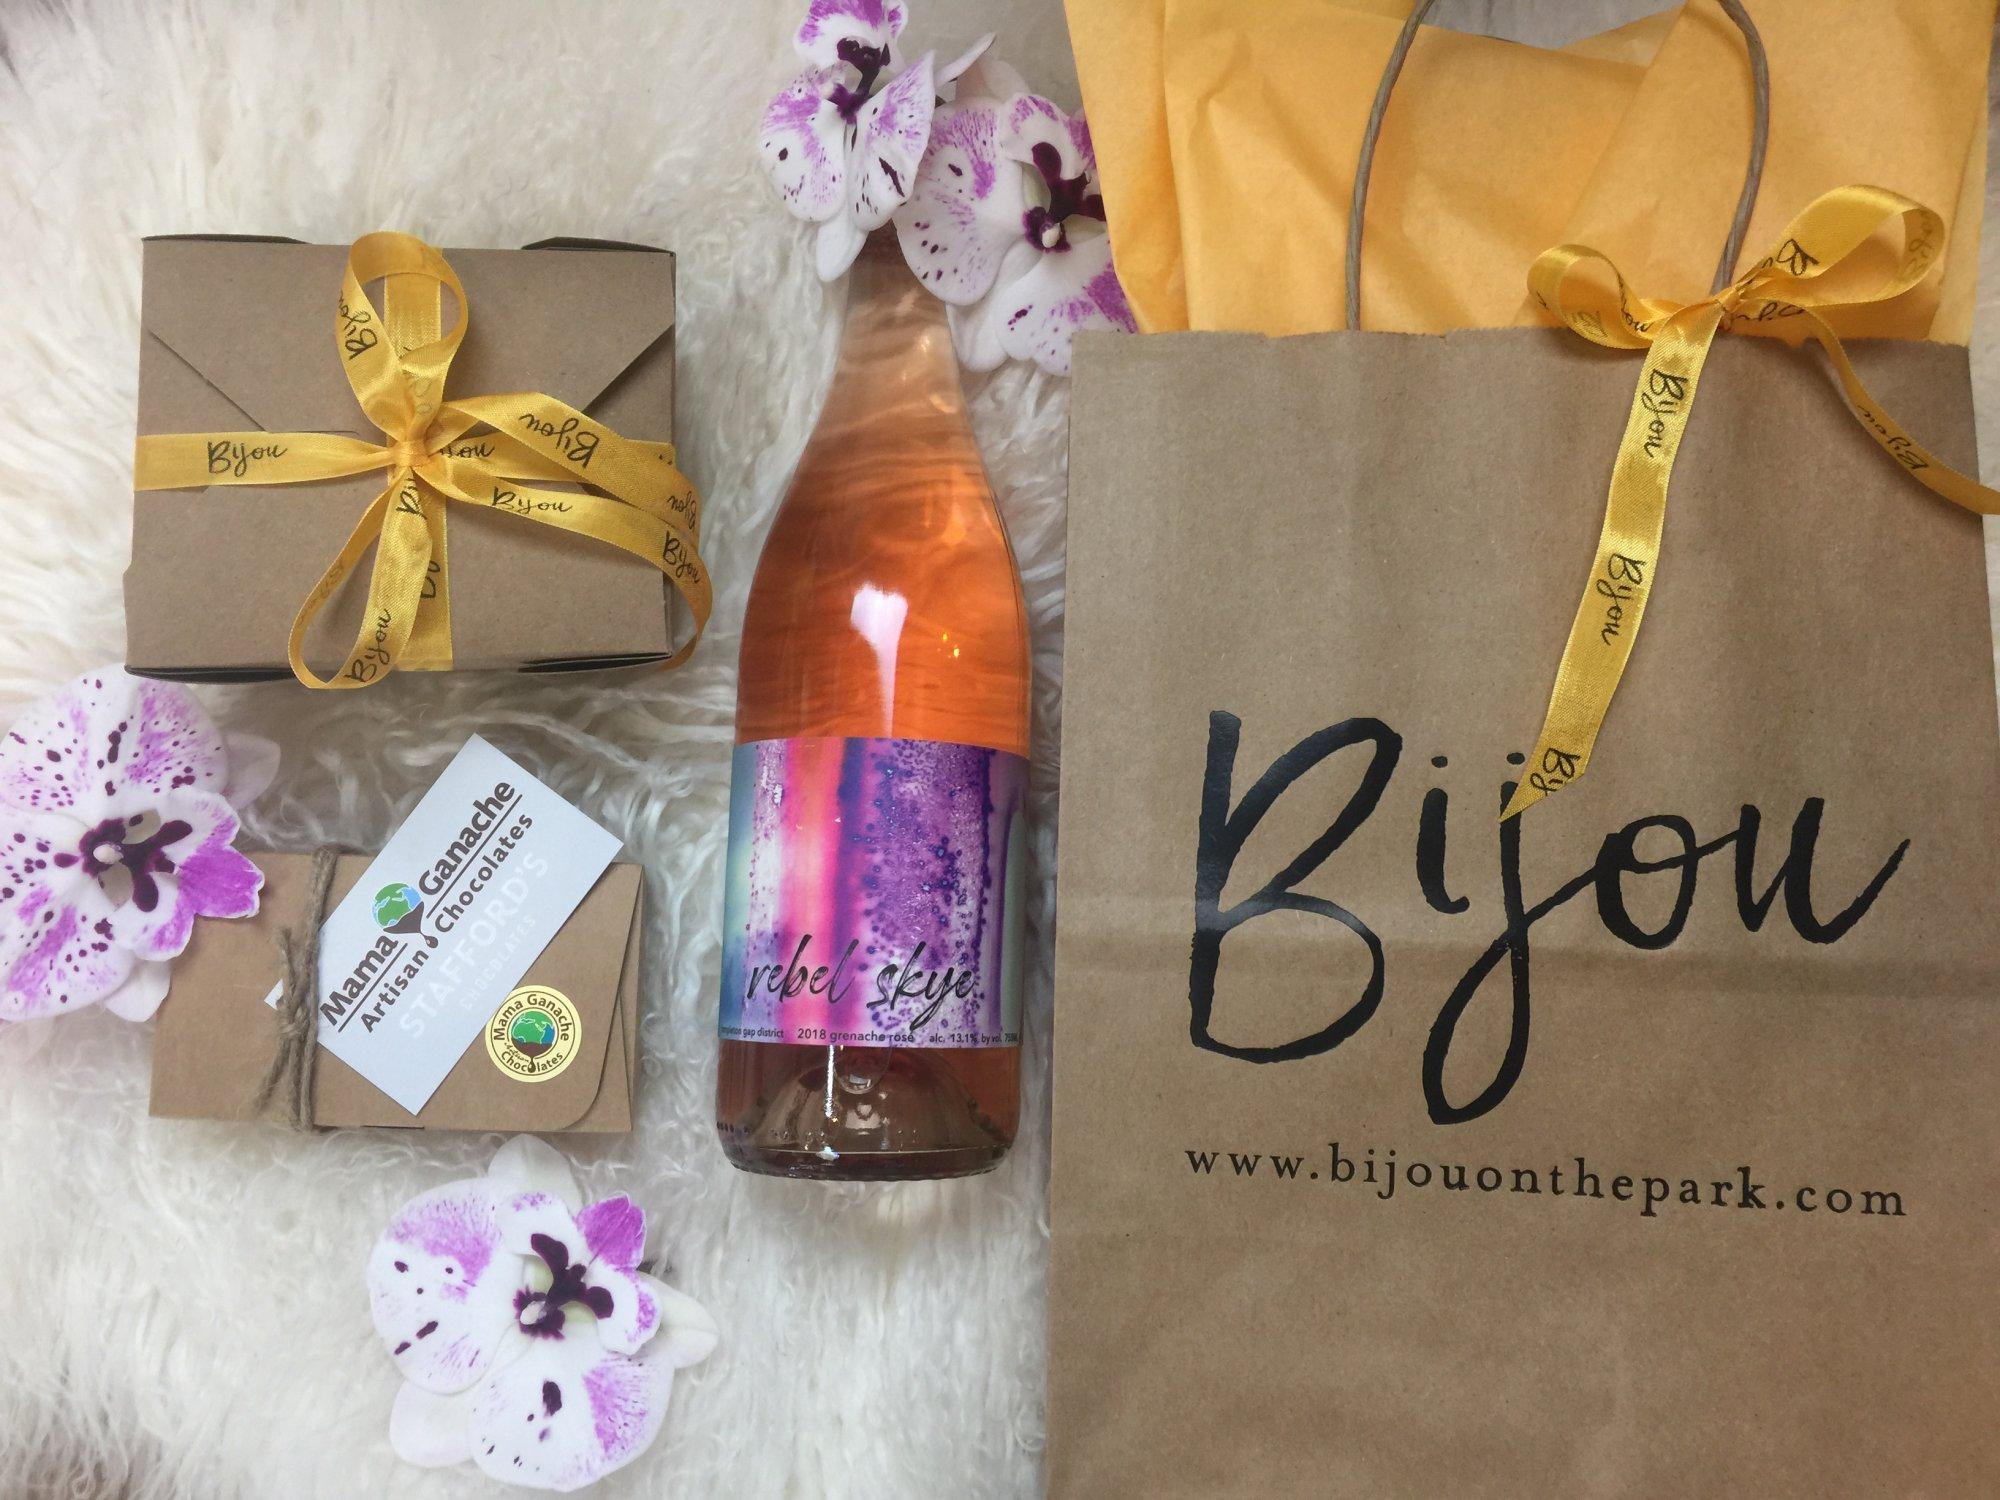 Rebel Skye Rose Gift Set & $50 Gift Card